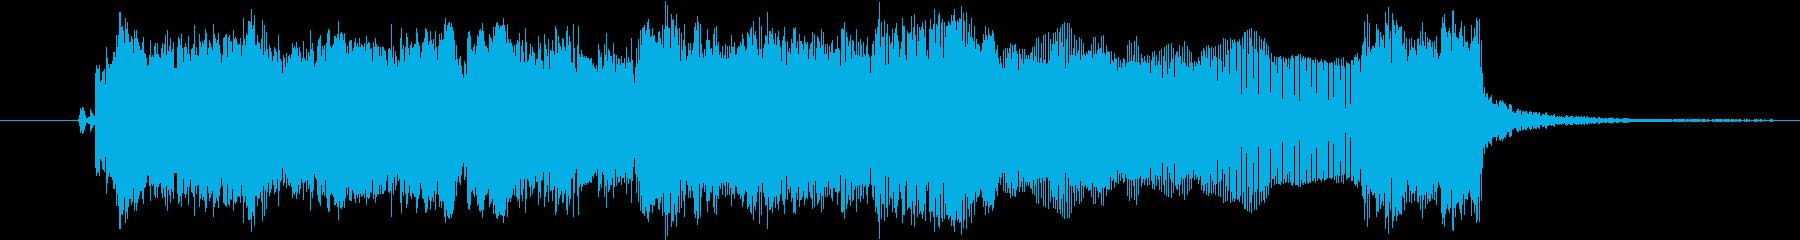 ギターフレーズ008の再生済みの波形